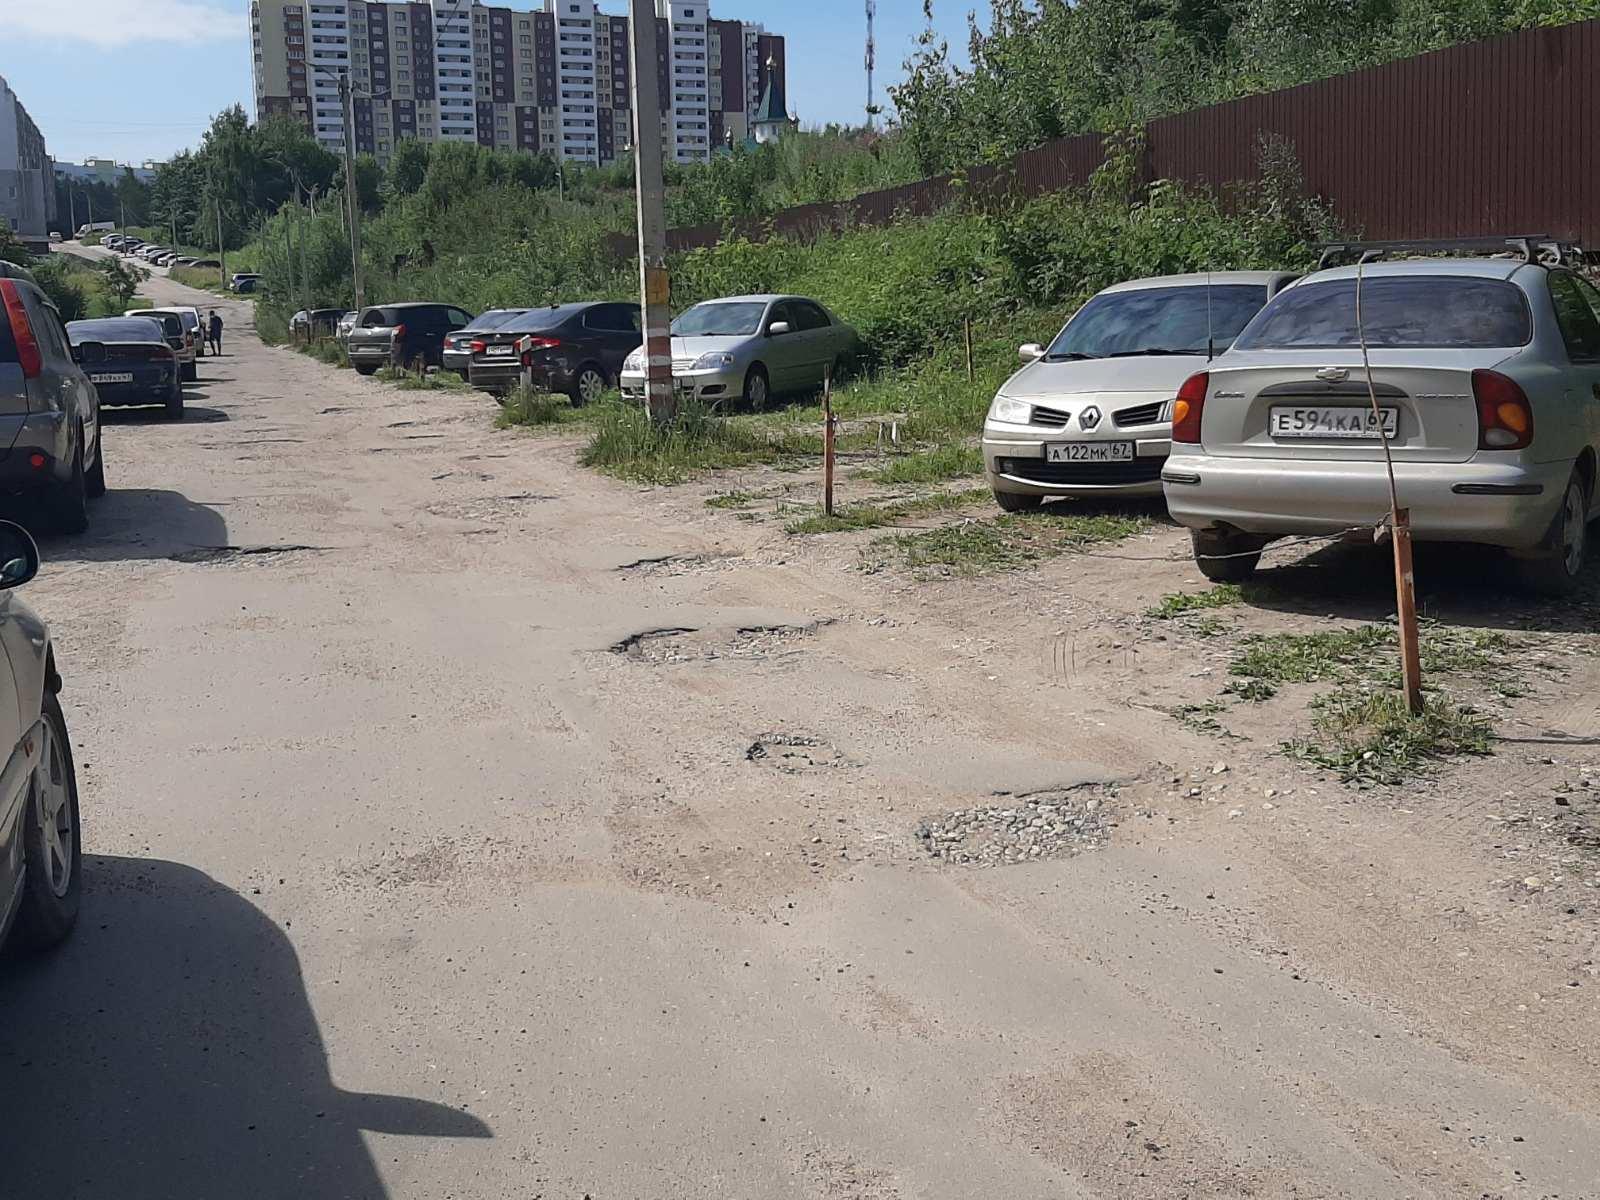 Жильцы многоэтажек в Смоленске запретили городским властям делать ремонт их дороги